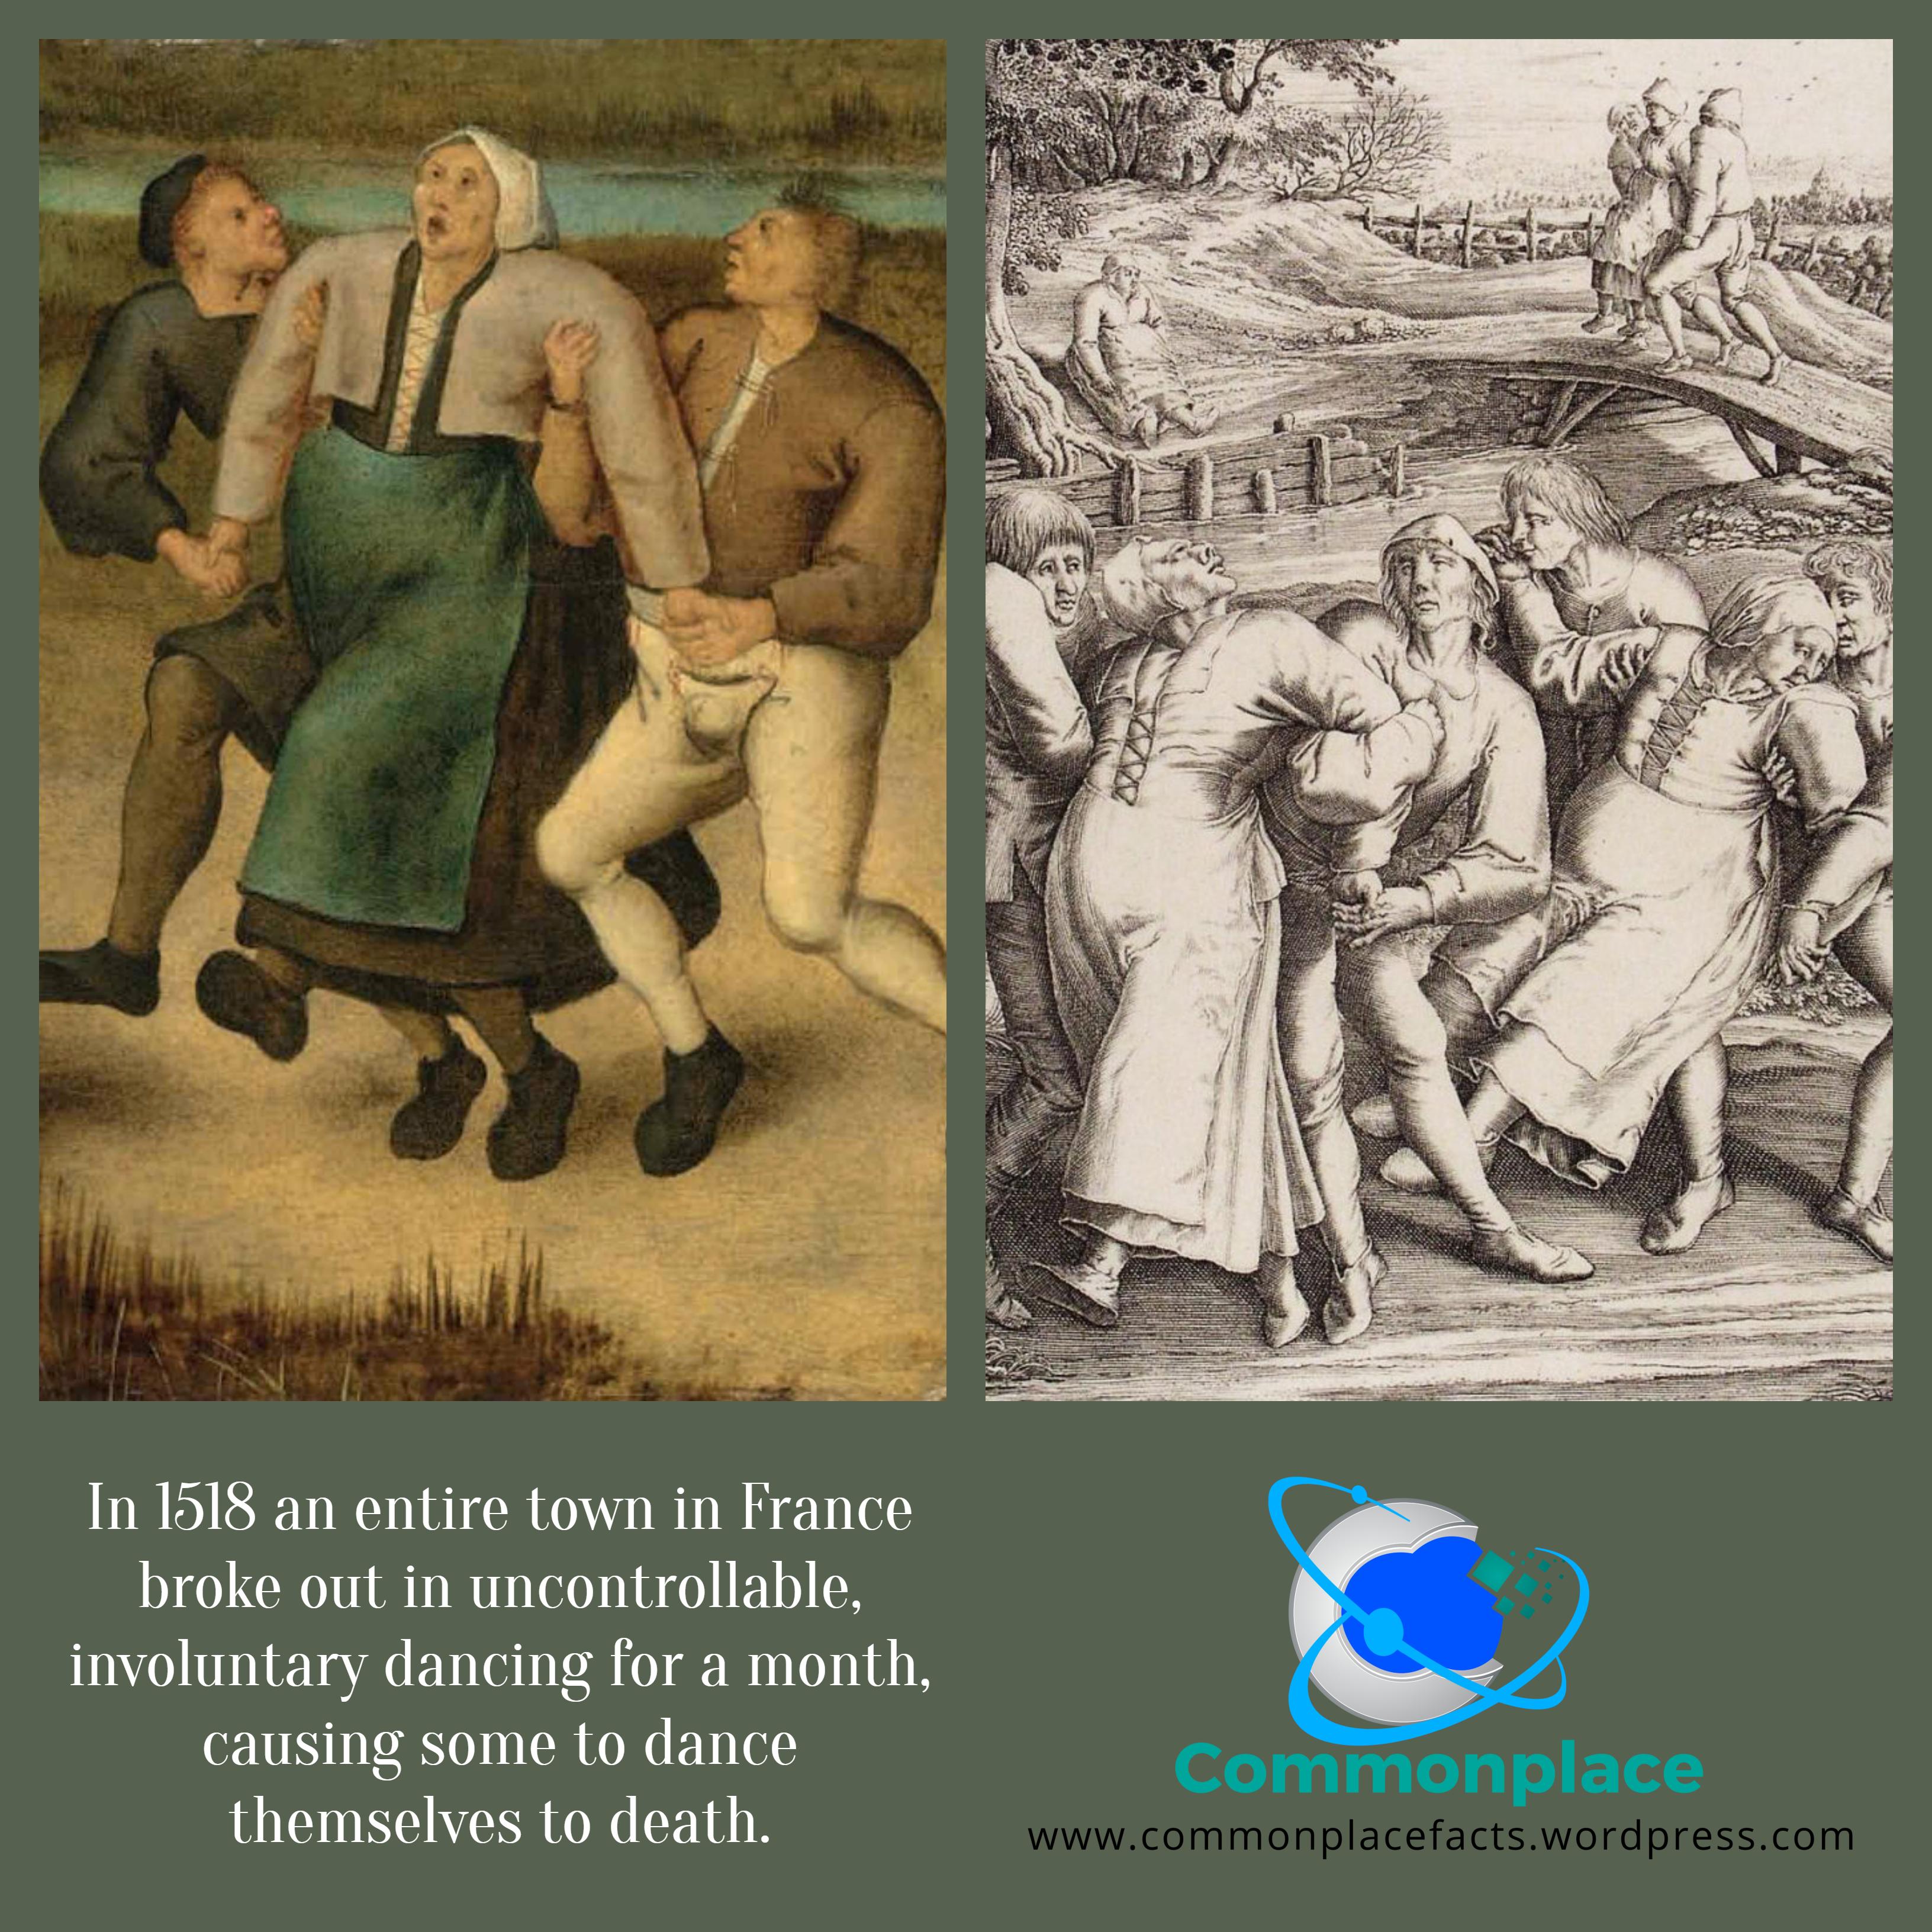 #Dancing #DancingPlague #Hysteria #MassHysteria